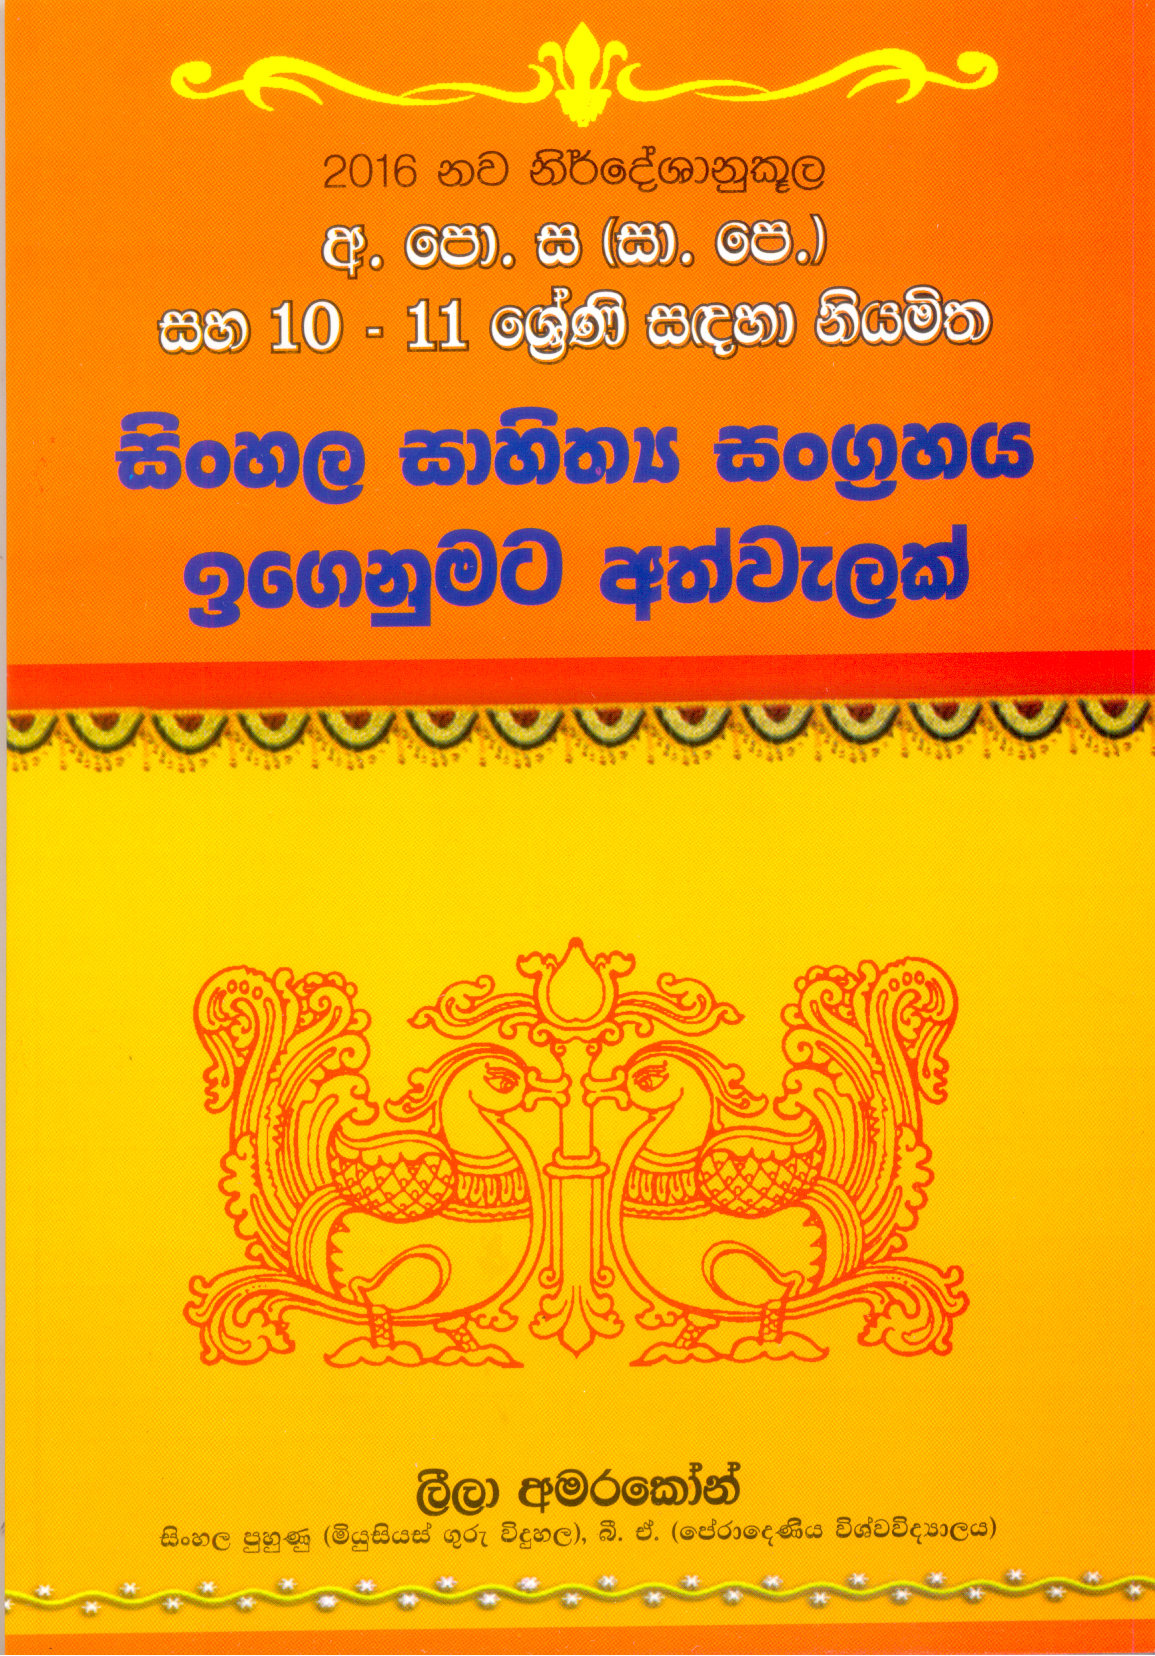 2016 Nawa Nirdeshanukoola O/L Saha 10 - 11 Shreni Sadaha Niyamitha Sinhala Sahithyaya Sangrahaya Igenumata athwalak